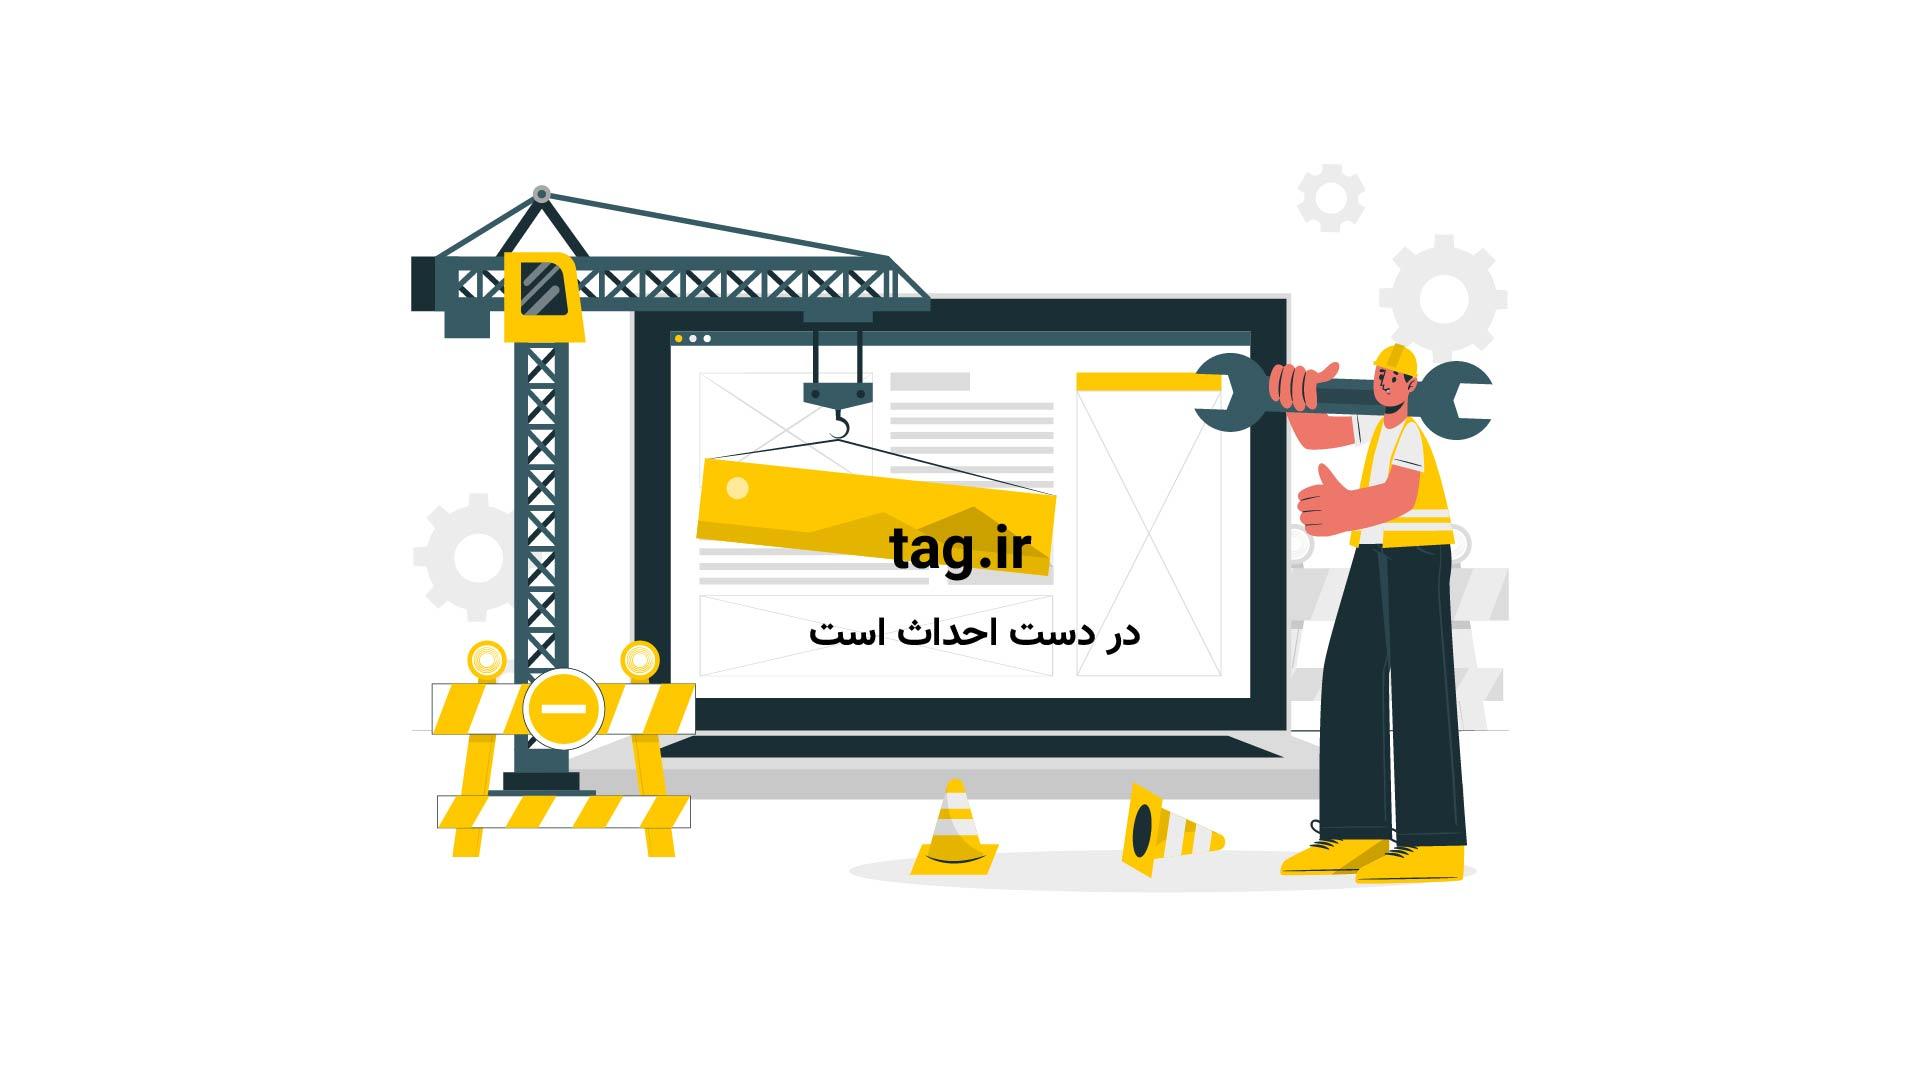 سخنرانی های تد؛ چرا کار در منزل برای کسب و کار خوب است | فیلم